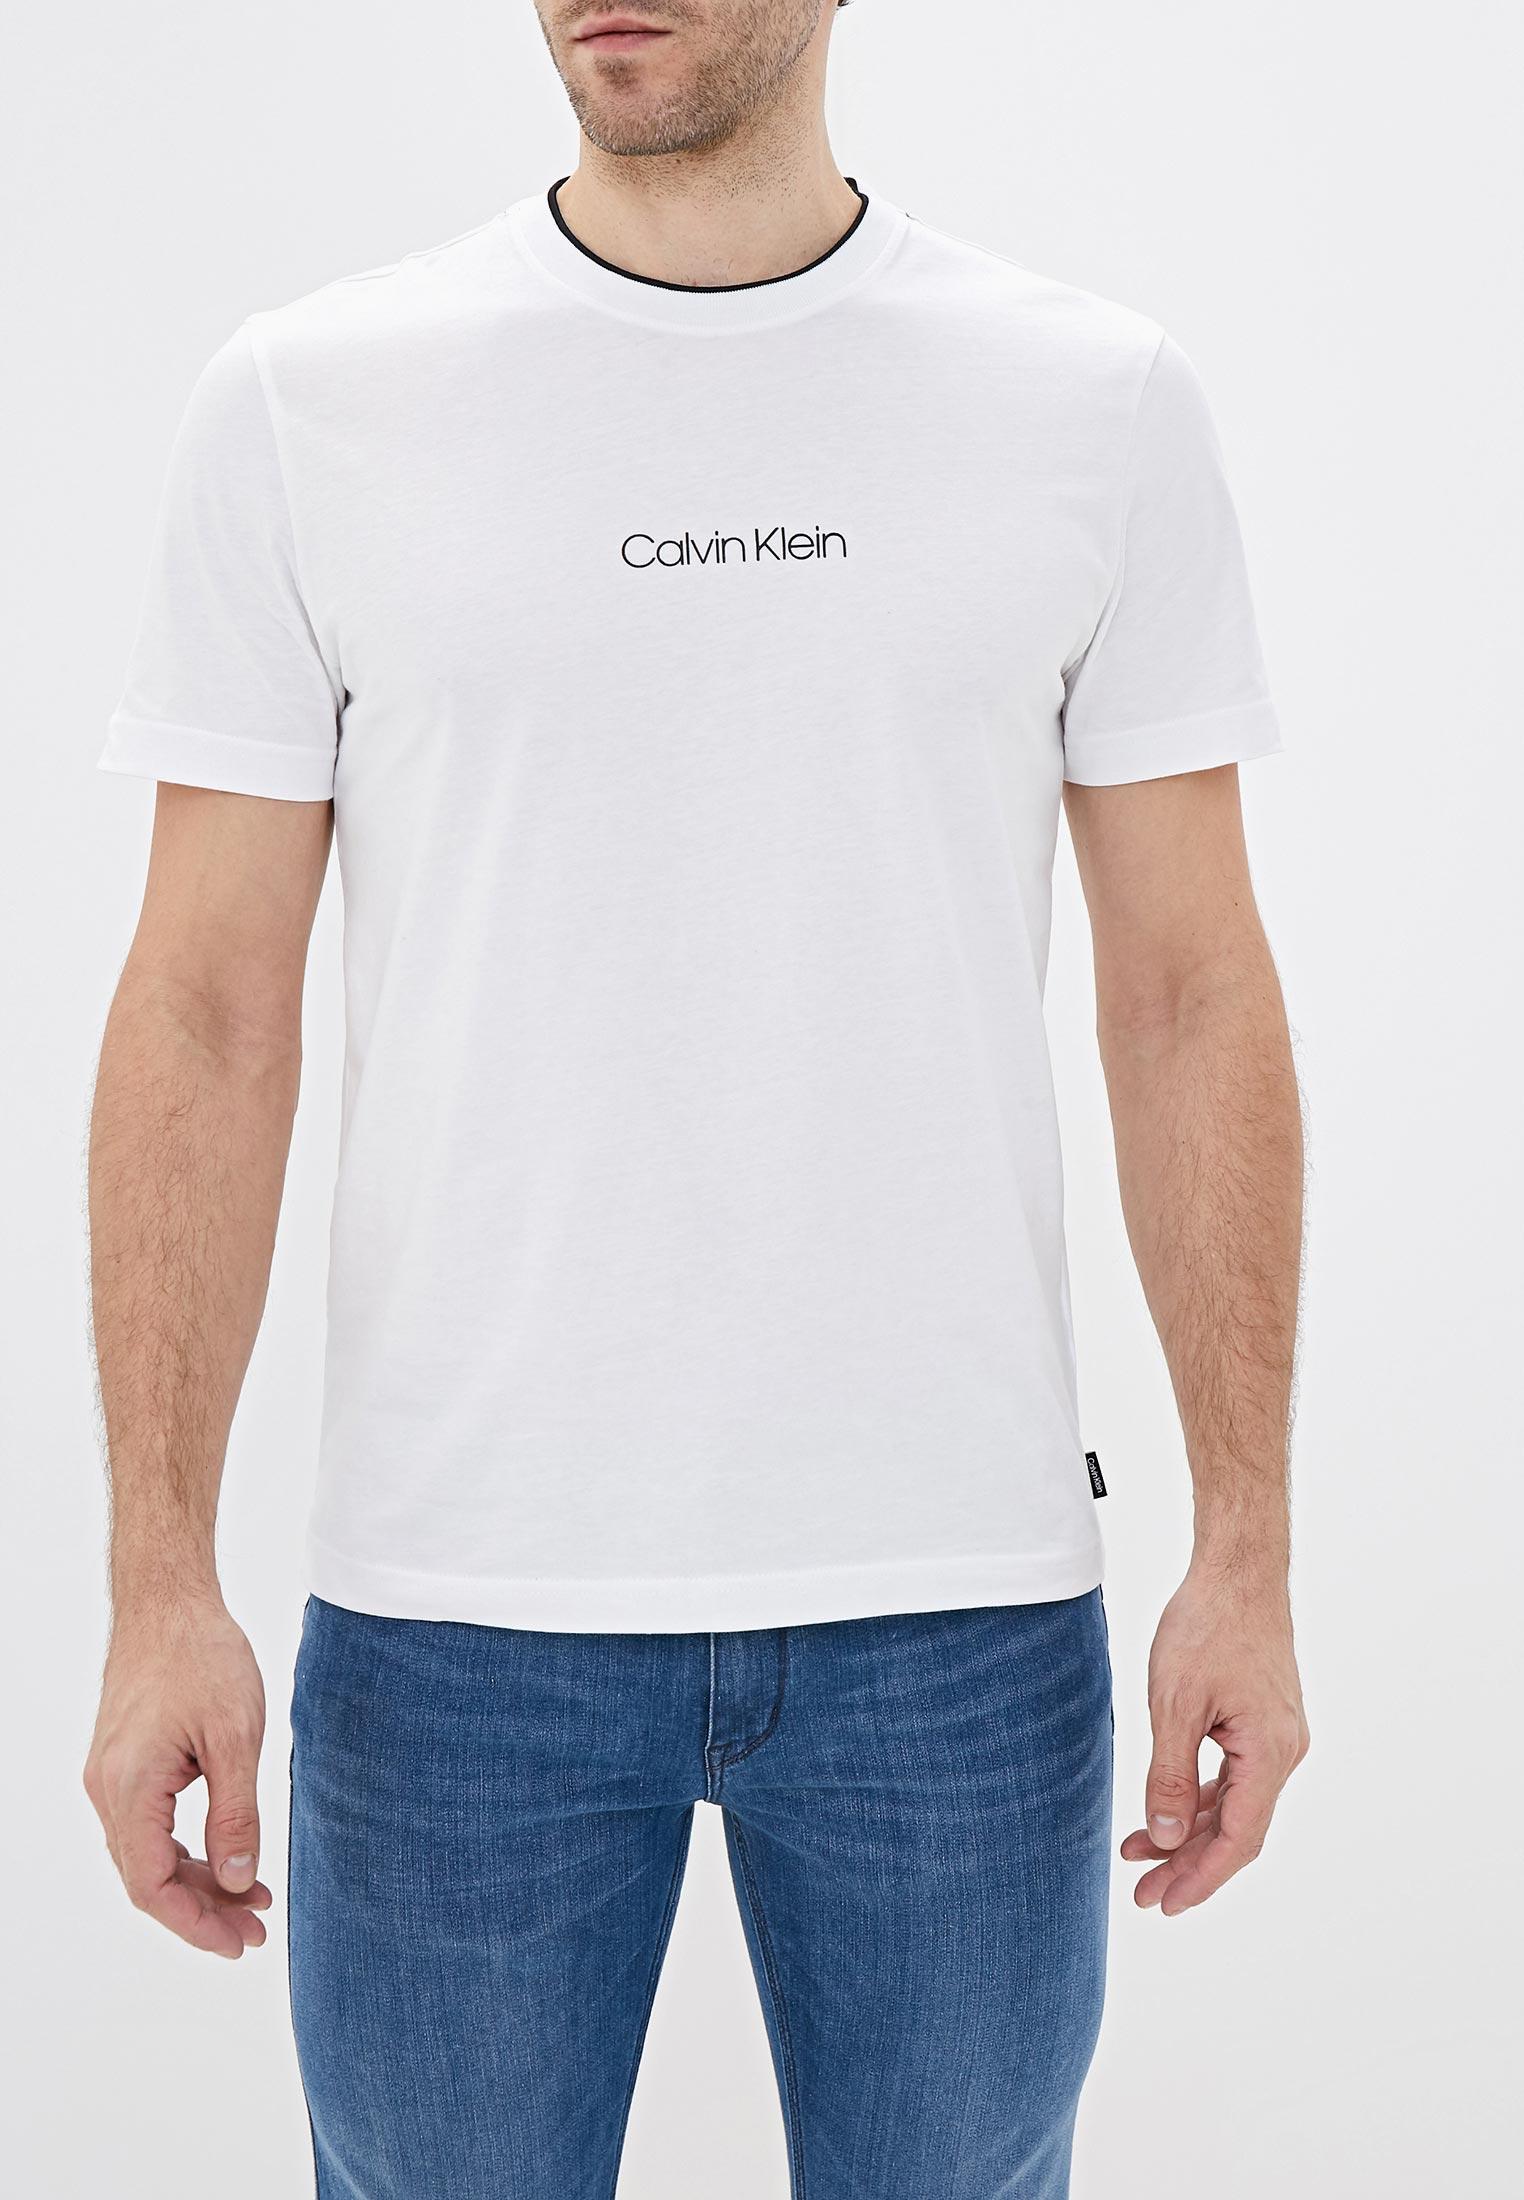 Футболка Calvin Klein (Кельвин Кляйн) k10k104934